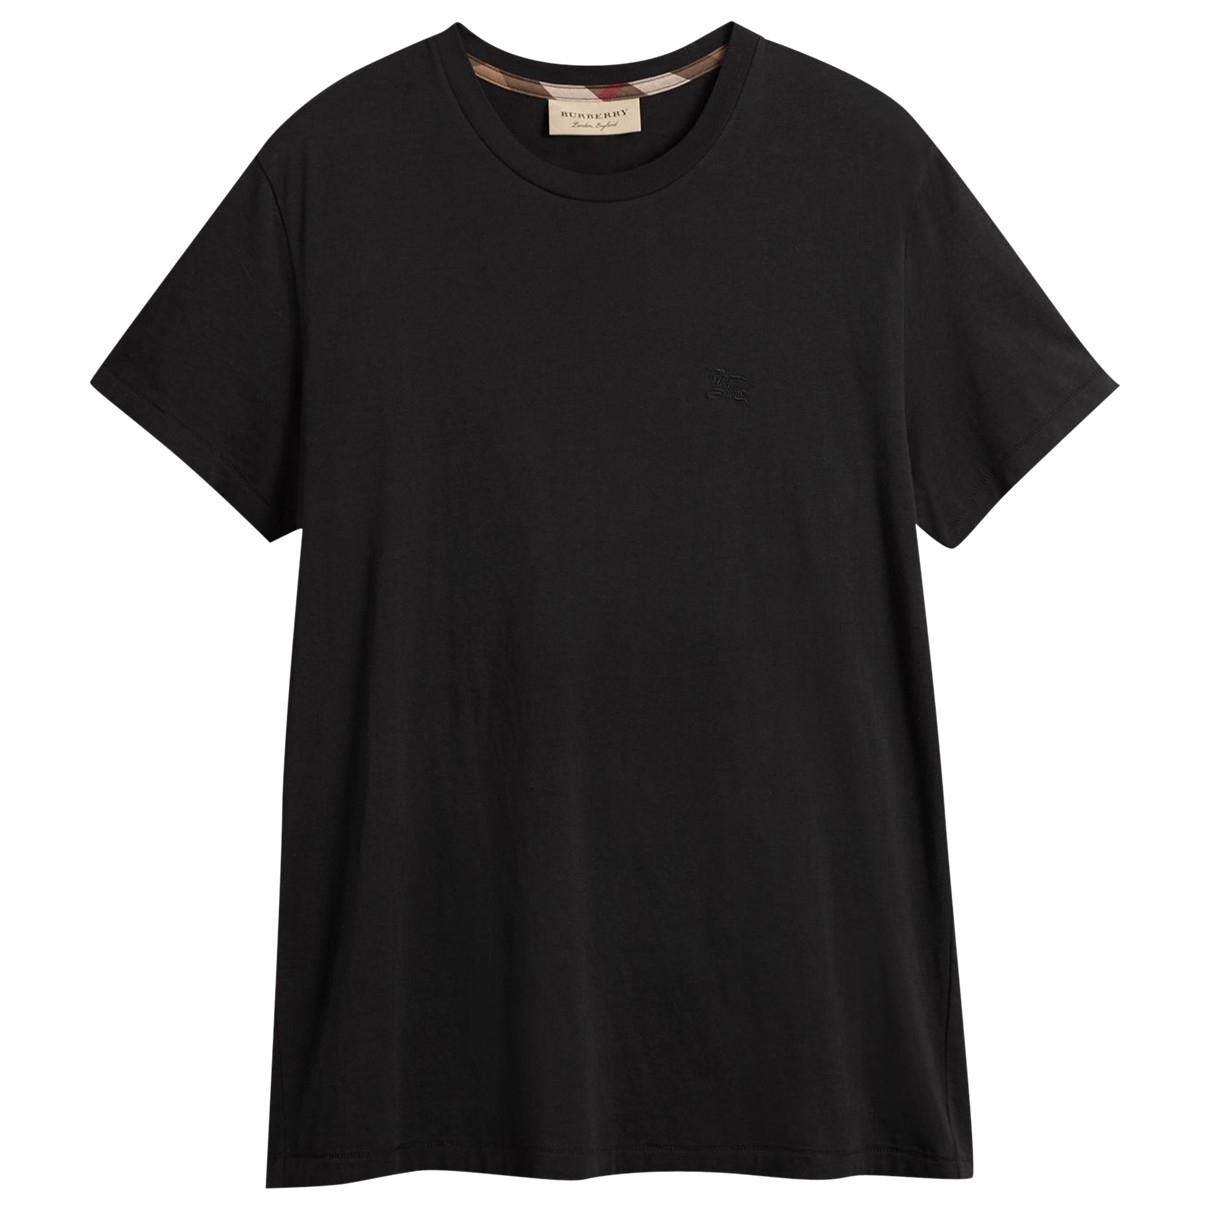 Burberry \N T-Shirts in  Schwarz Baumwolle